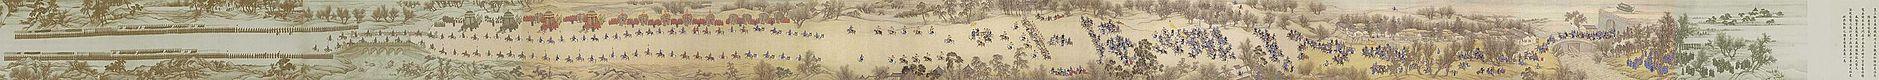 The Kangxi Emperor's Southern Inspection Tour, Scroll One: Beijing to Nan Yuan